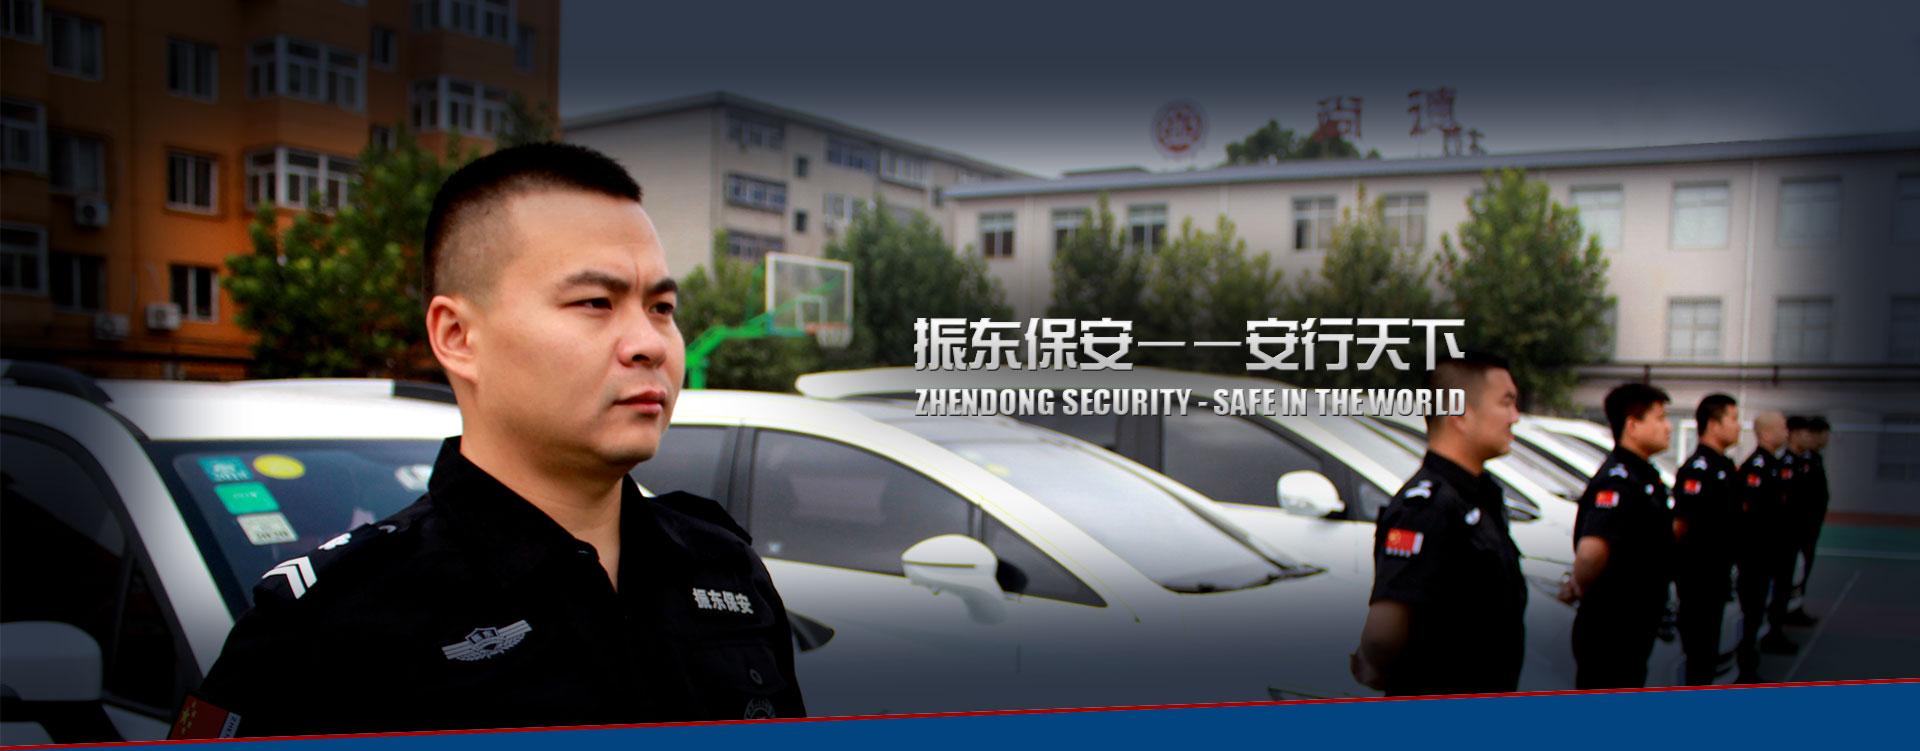 专业保安公司